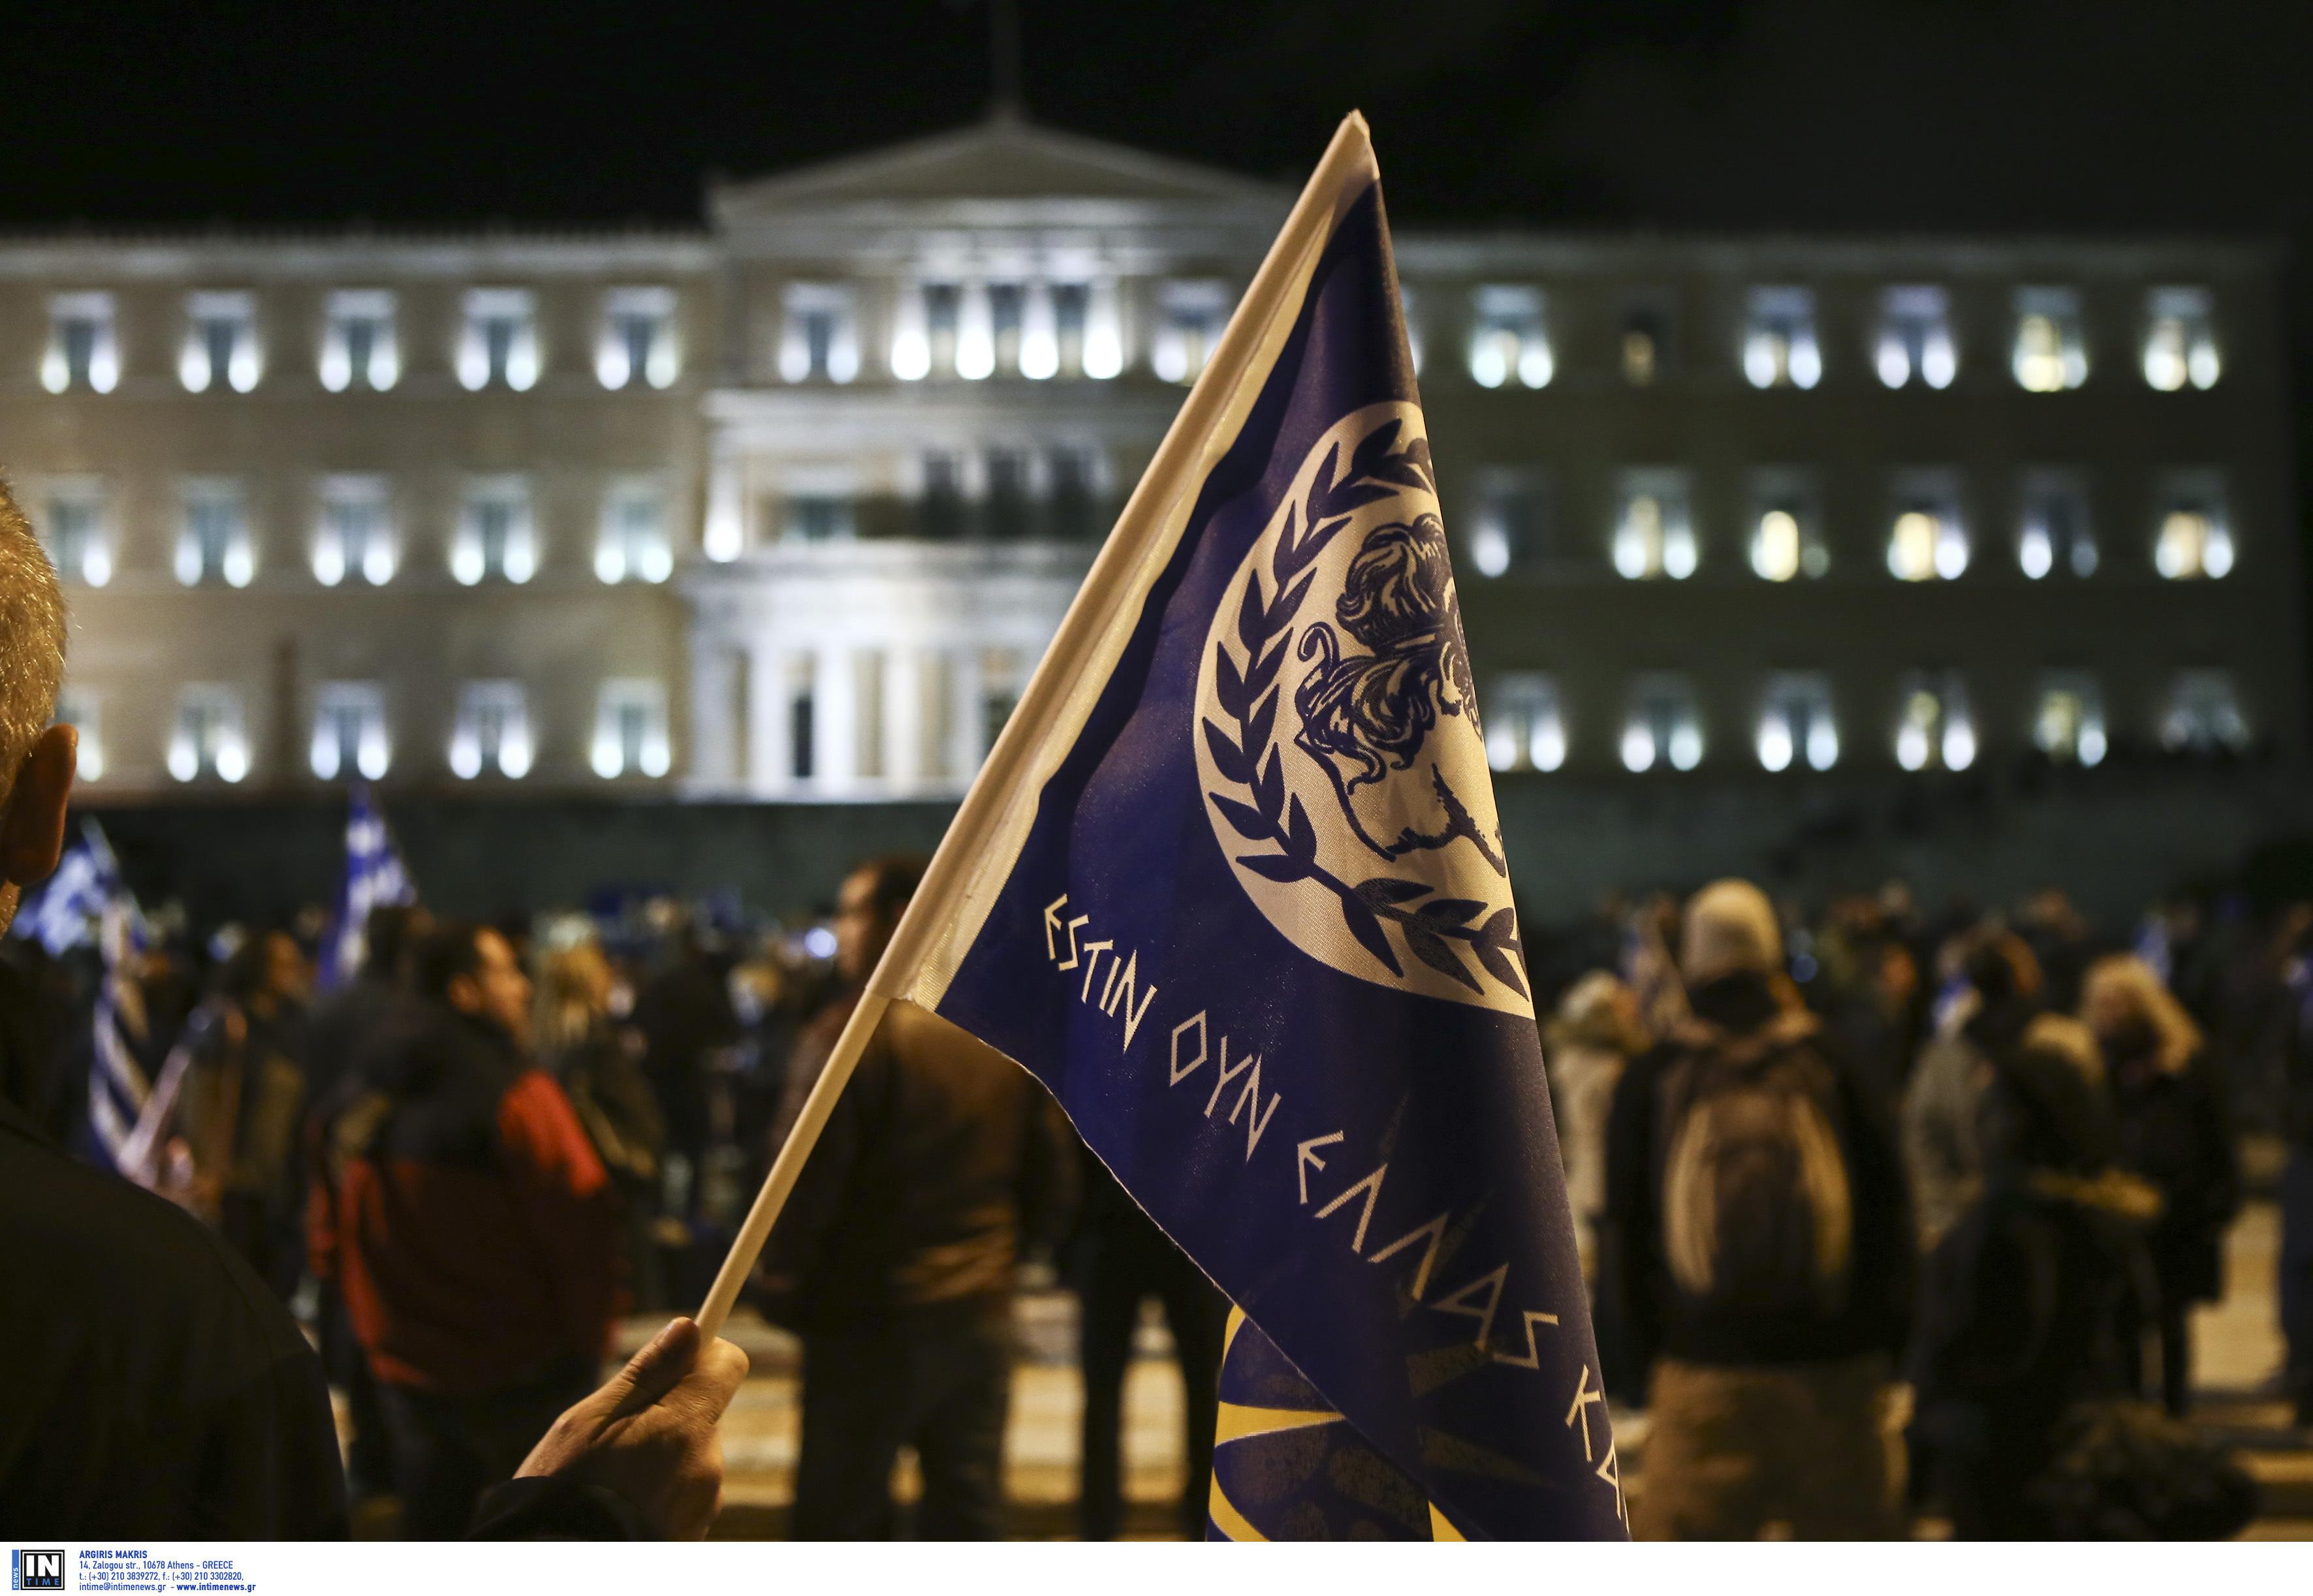 entasi-kai-chimika-sto-syntagma-amp-8211-se-10-syllipseis-kai-133-prosagoges-prochorise-i-elas-fotografies-vinteo13